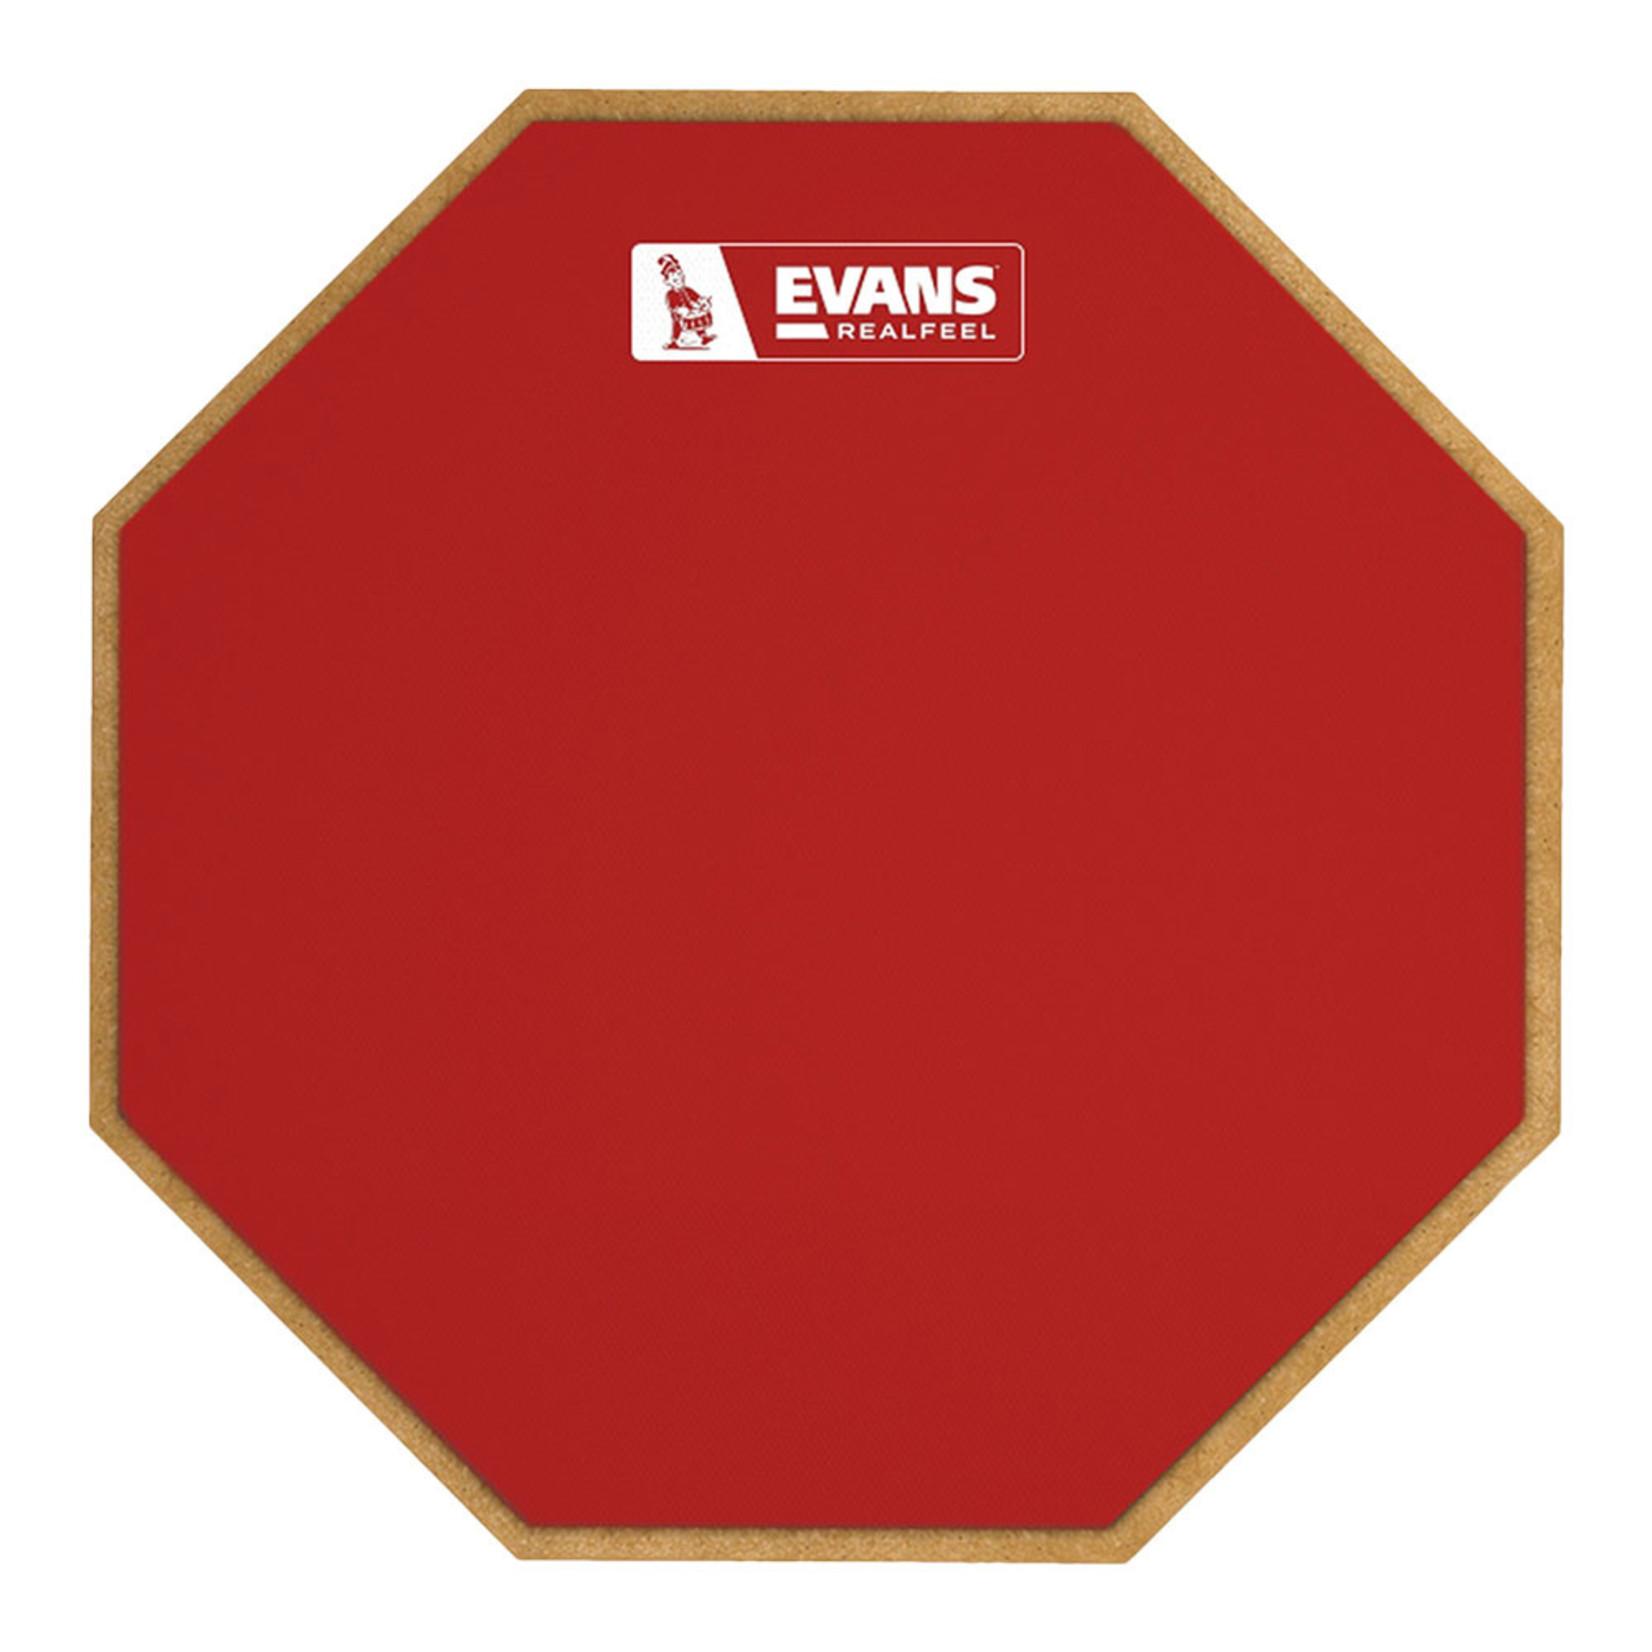 """Evans RealFeel 12"""" 1-Sided Standard Pad Red"""